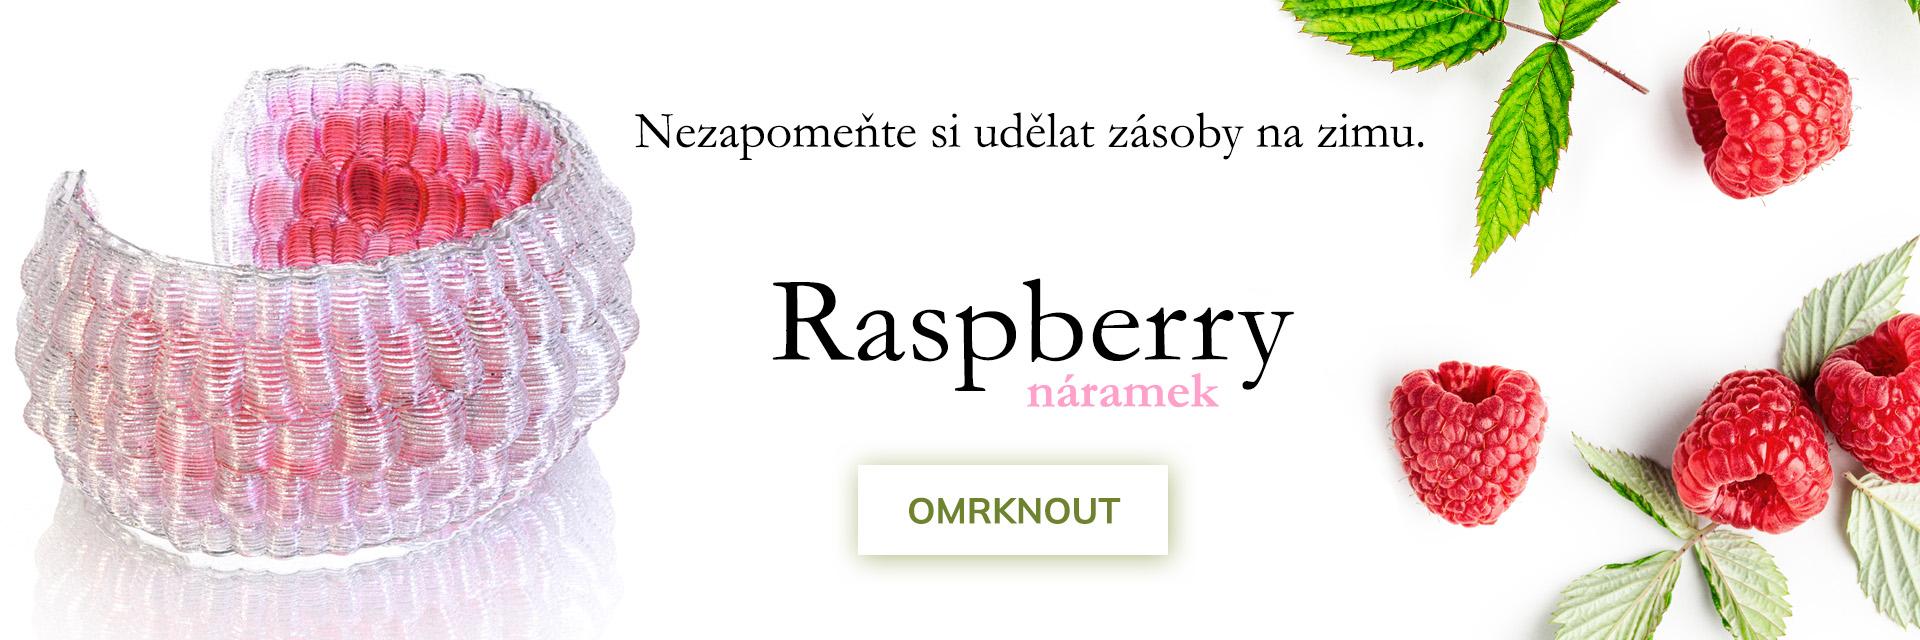 náramek raspberry